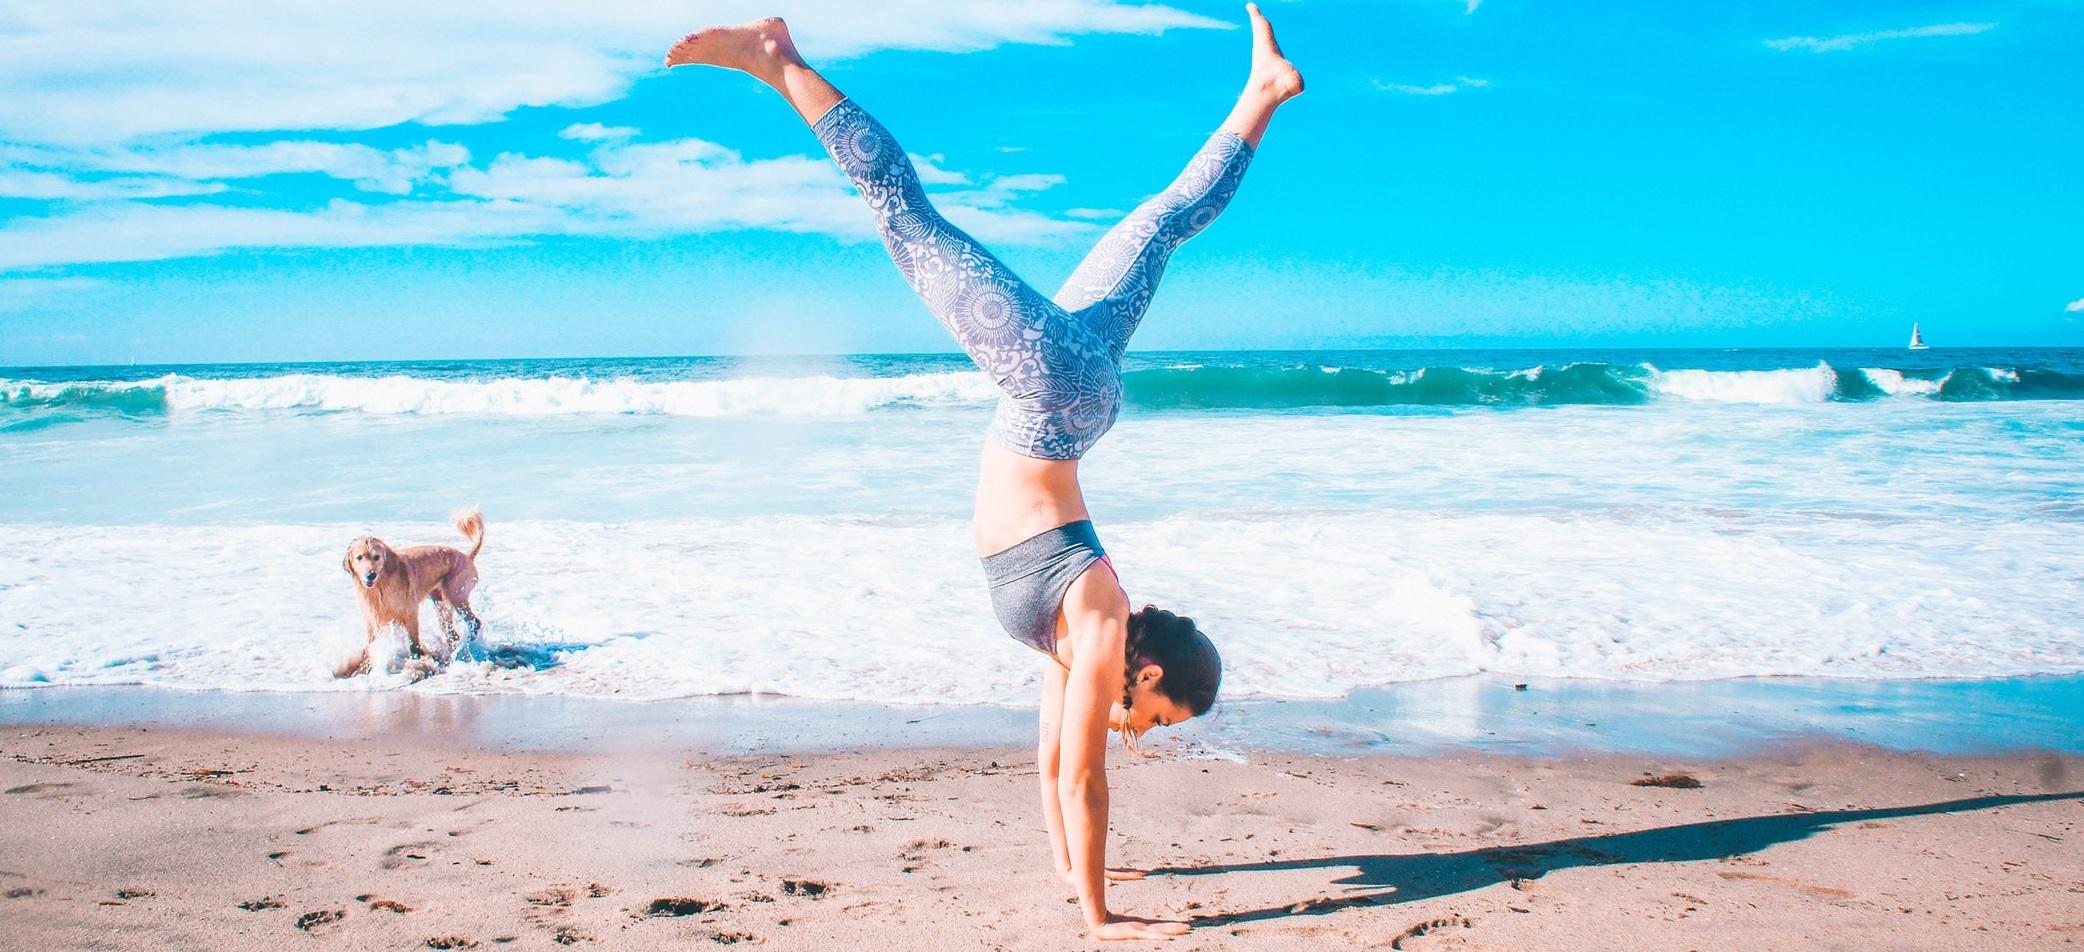 Aprende sobre salud física y salud mental, además de trucos sobre el estilo de vida equilibrado.